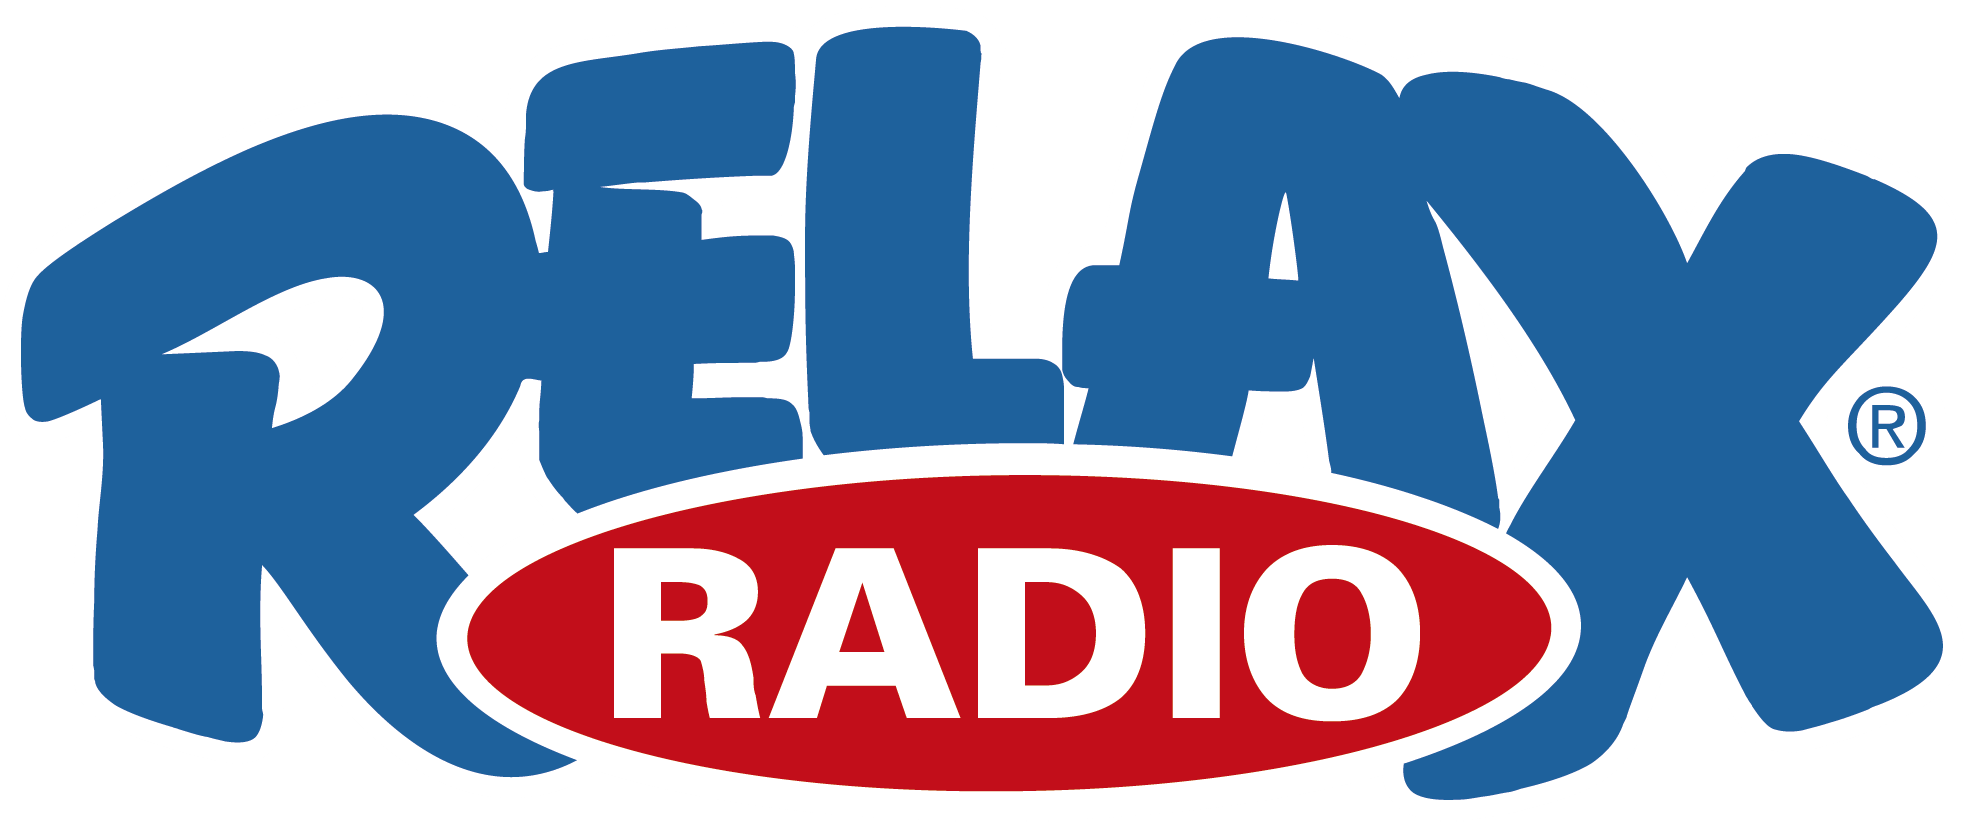 Relax Radio